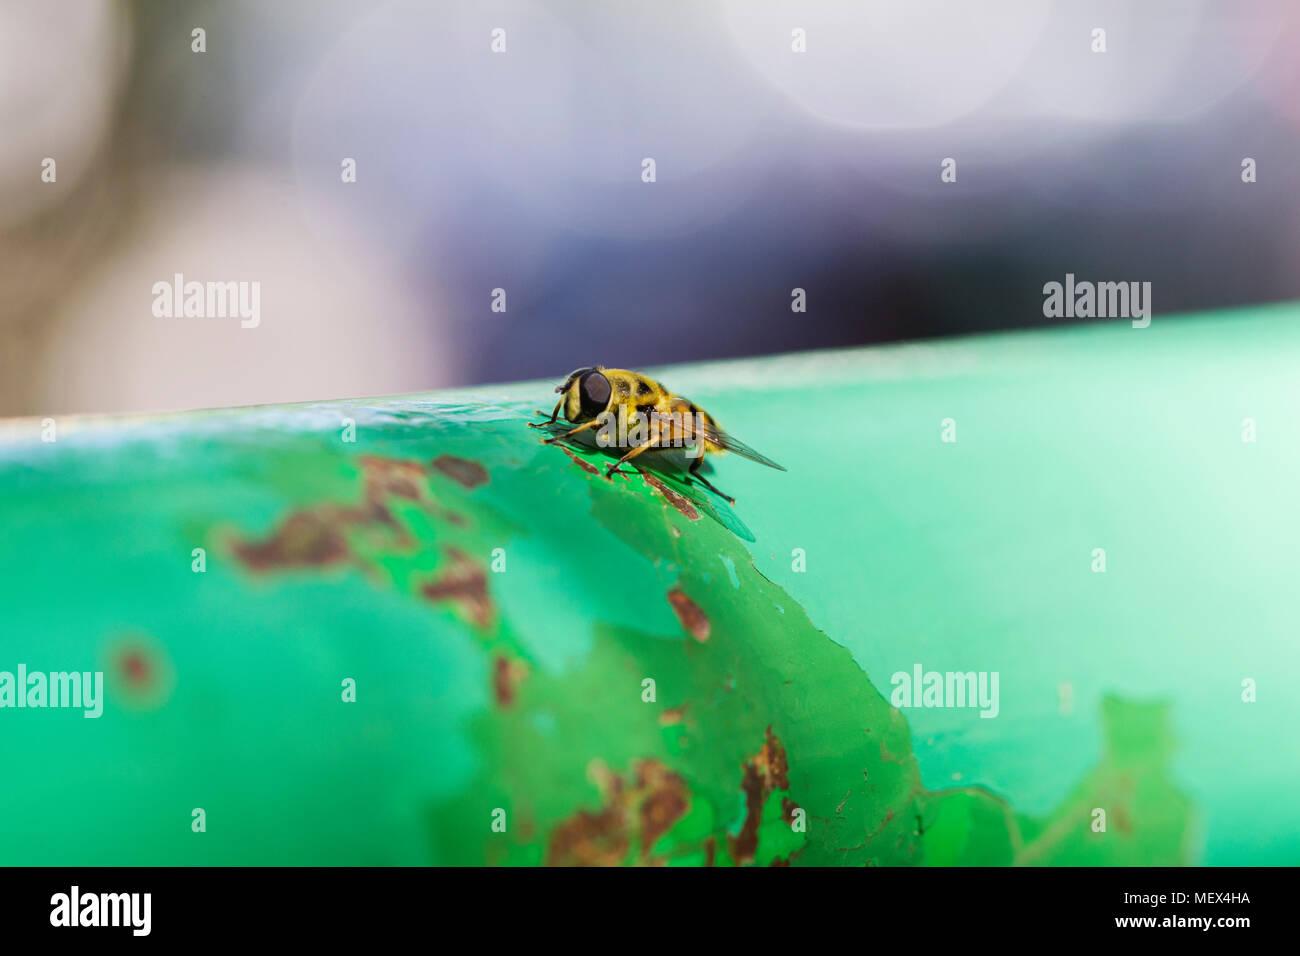 Nahaufnahme einer kleinen Biene auf einer Metallhebel Stockbild